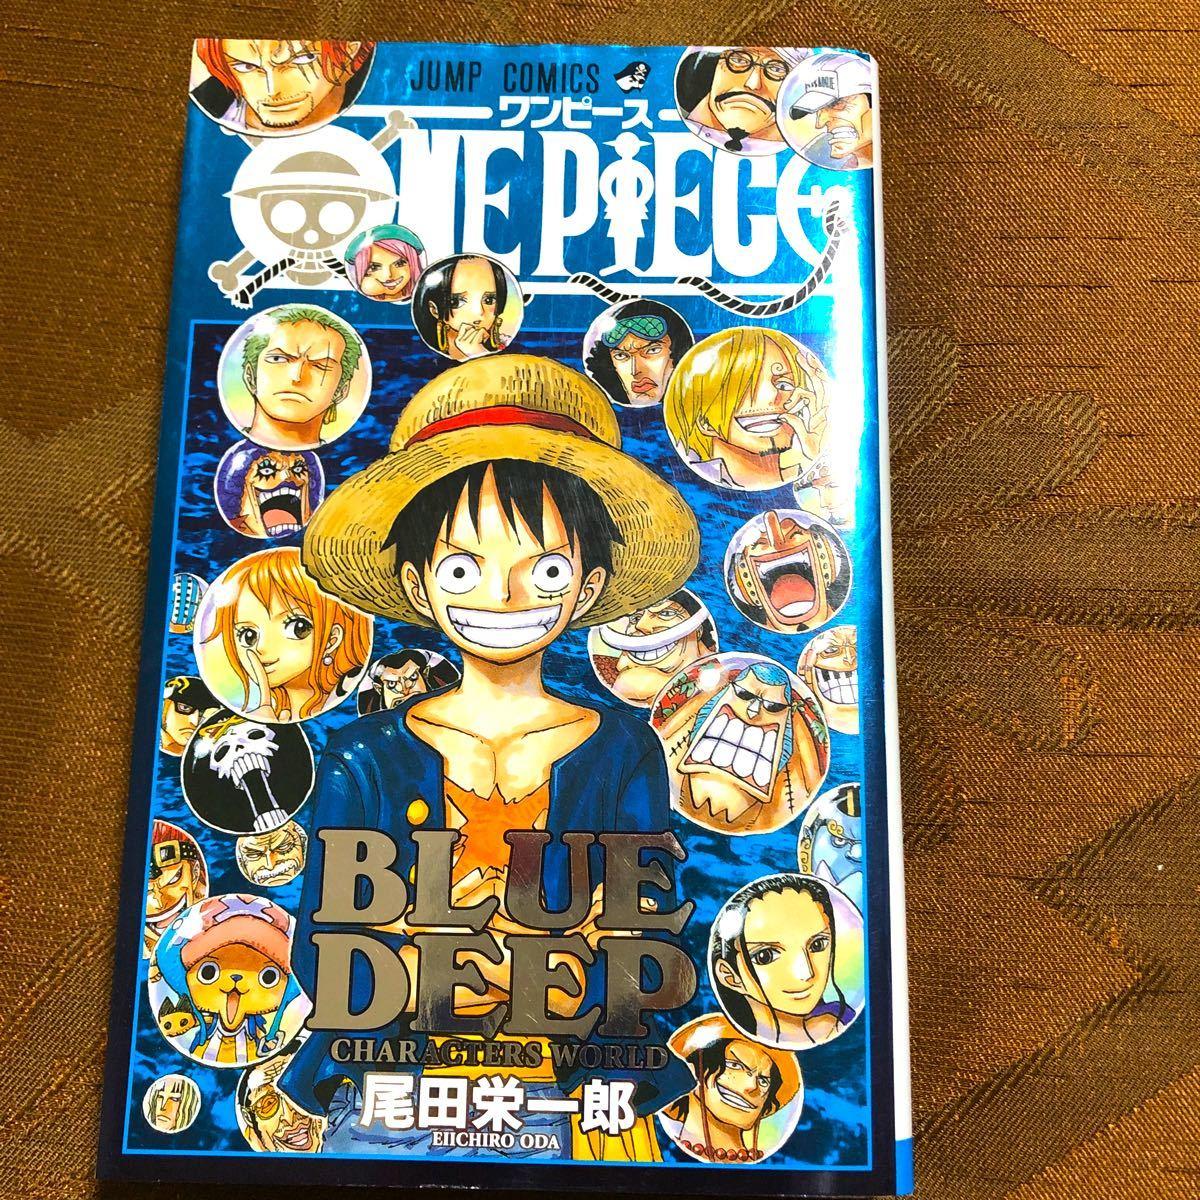 【漫画】 ONE PIECE ワンピースキャラクターブックセット (全5冊) [集英社]